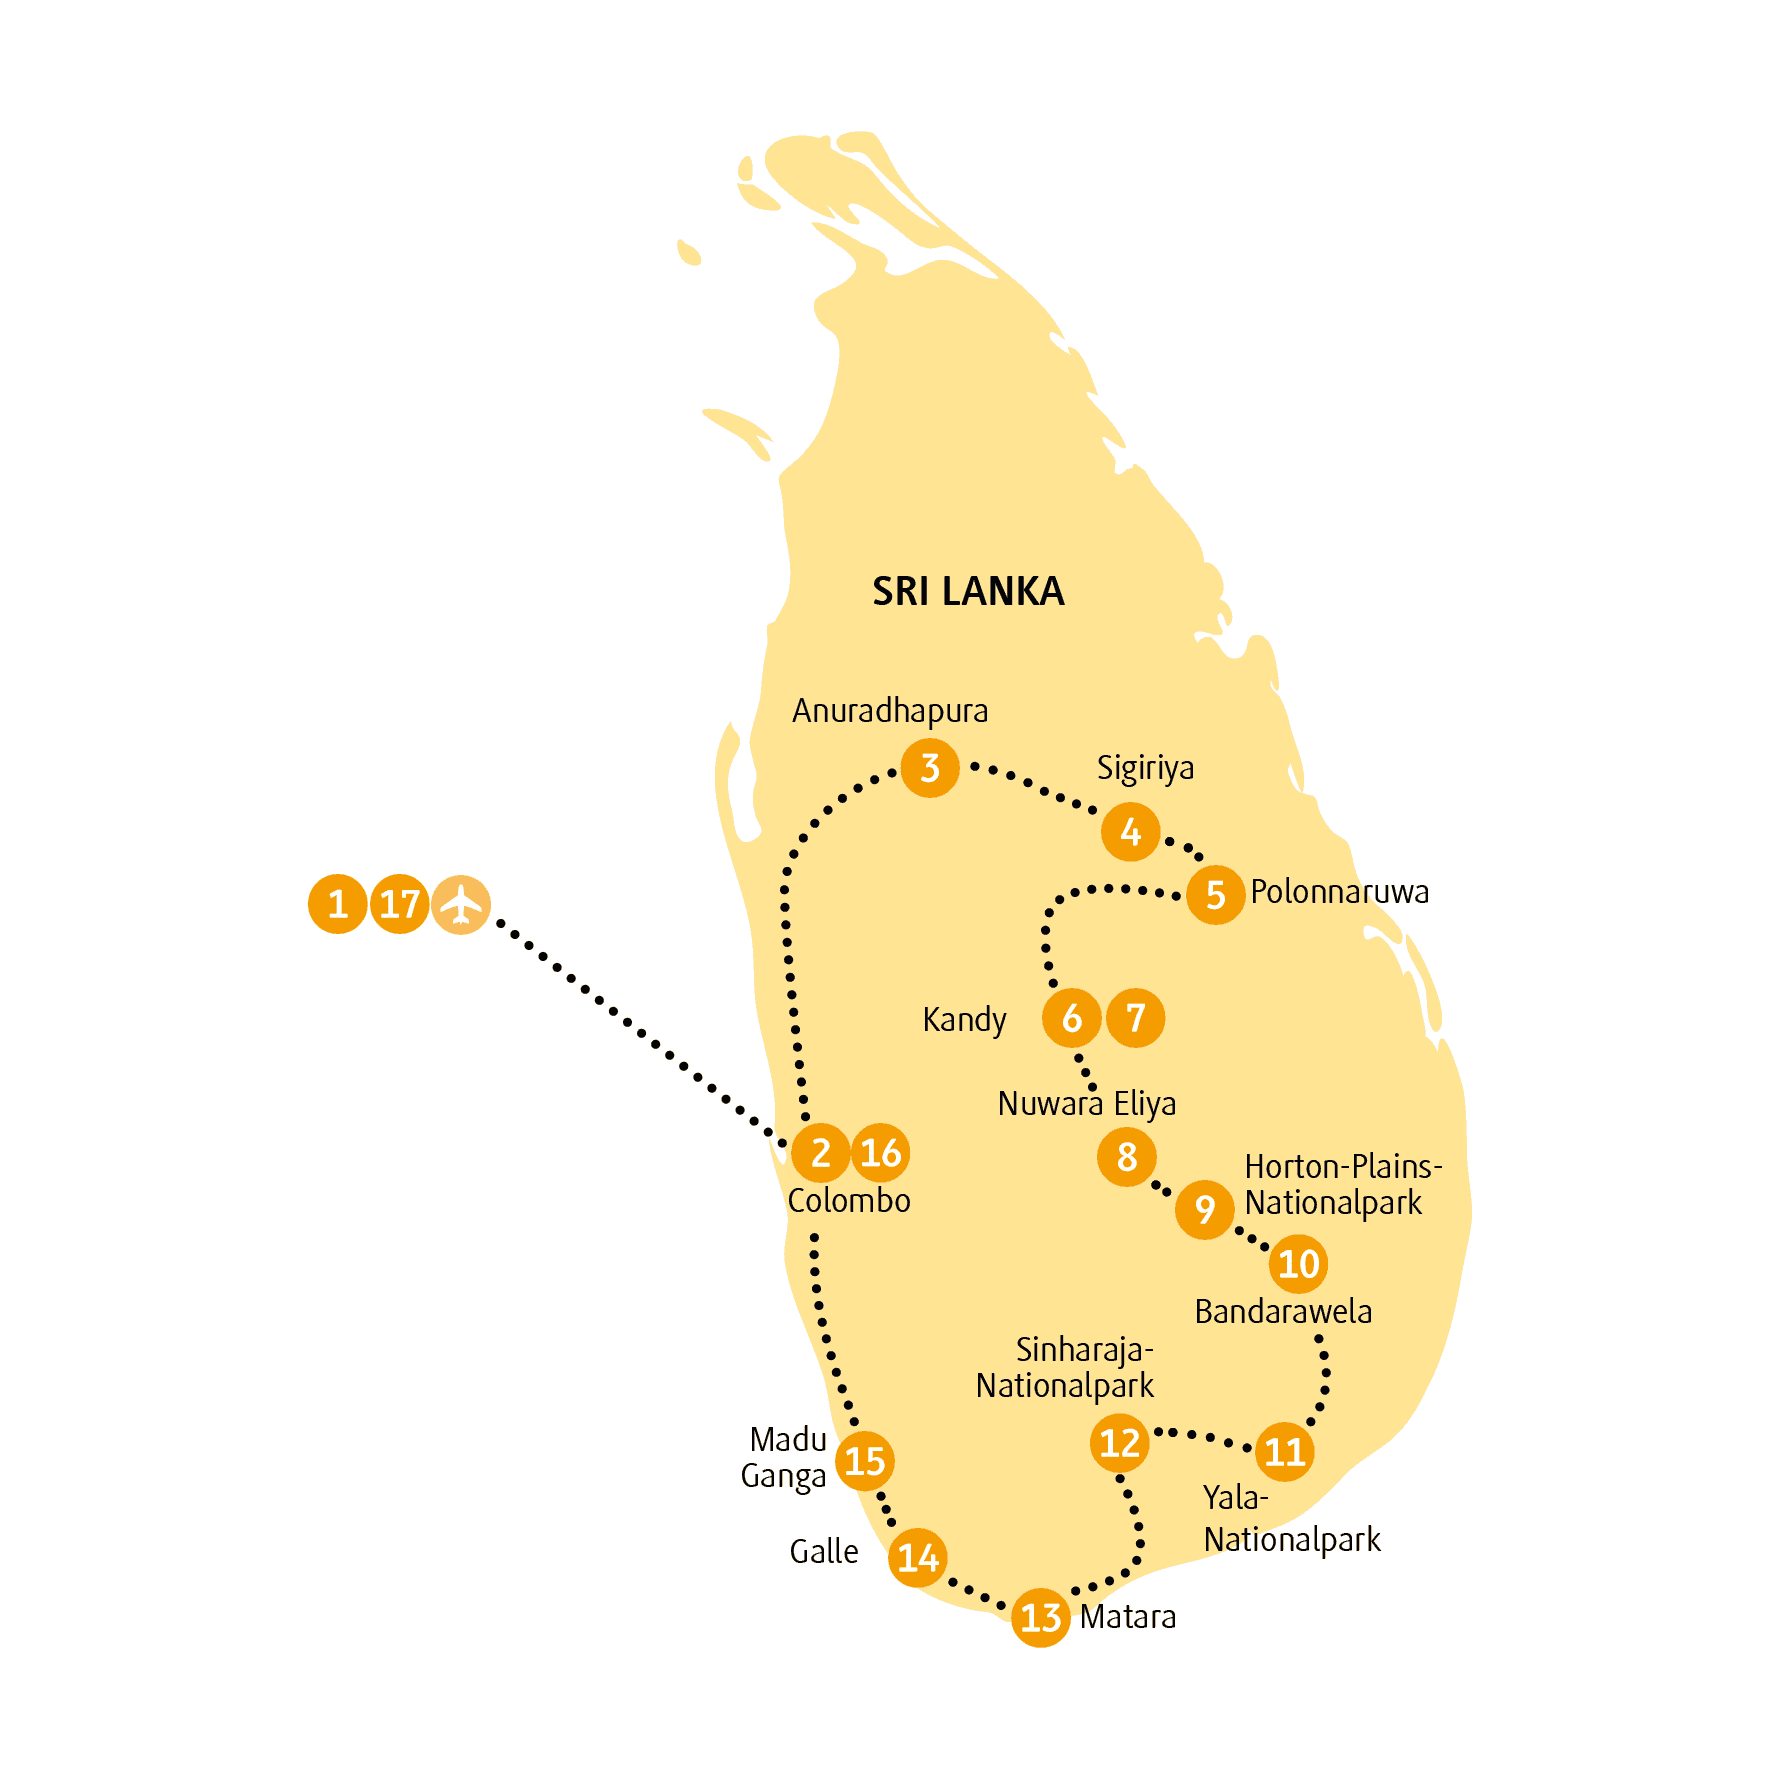 Sri Lanka Ist Ein Traum Erlebe Die Hohepunkte Auf Der Wunderwelten Reise Kandy Von Chamaleon 17 Tage Gansehaut Diereisedein In 2019 Sri Lanka Reisen Und Zugfahrt